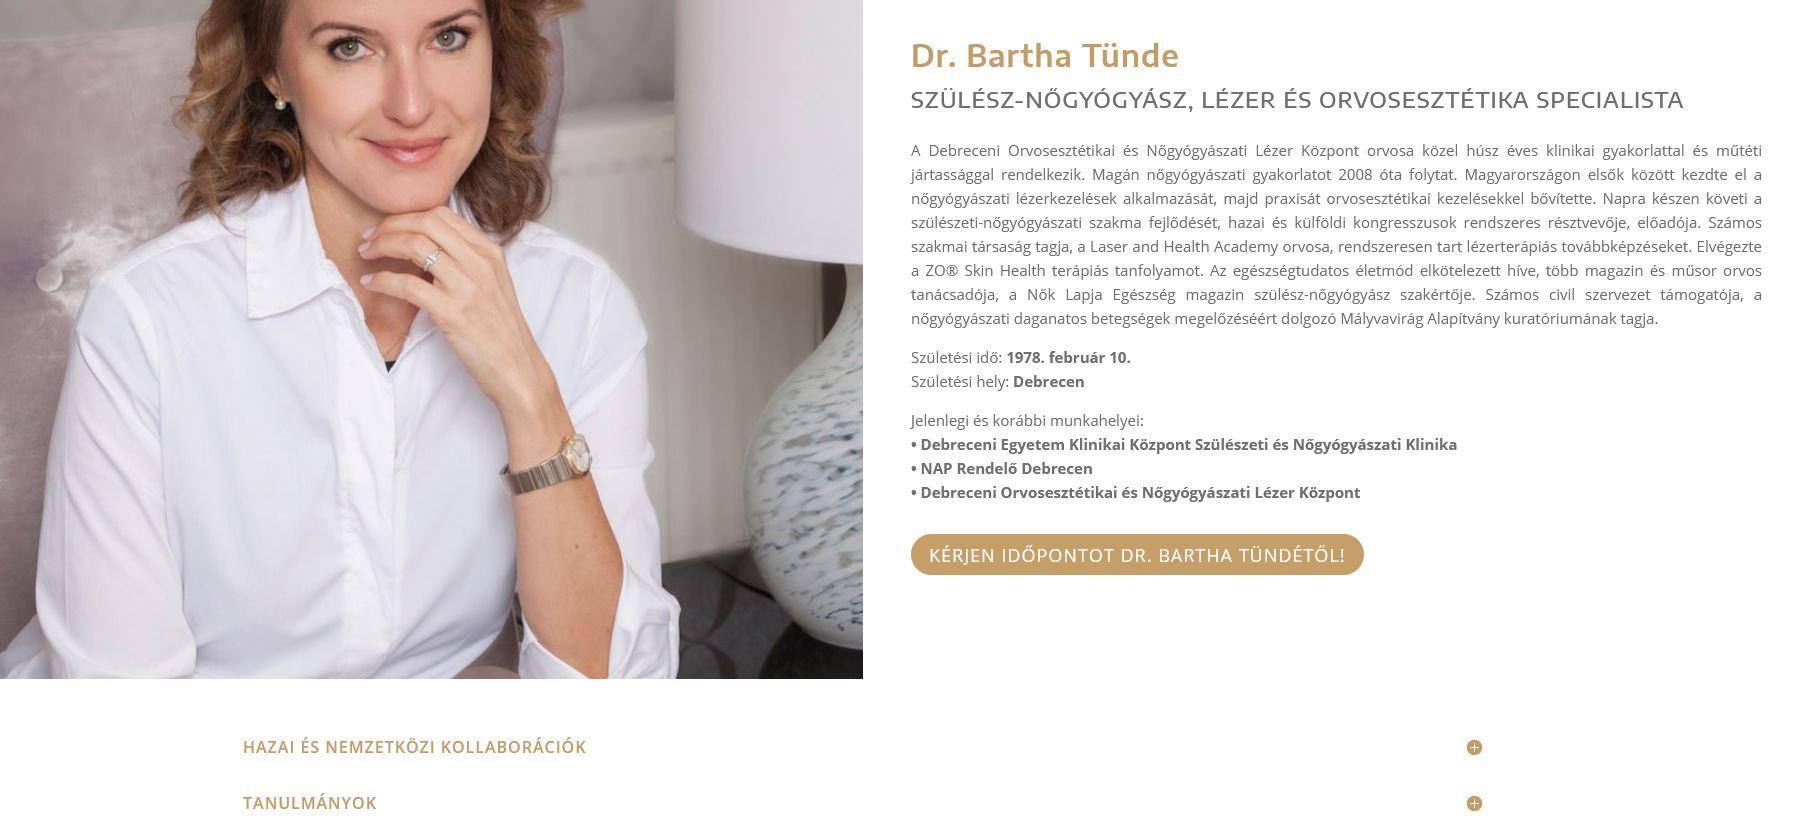 Dr. Bartha Tünde